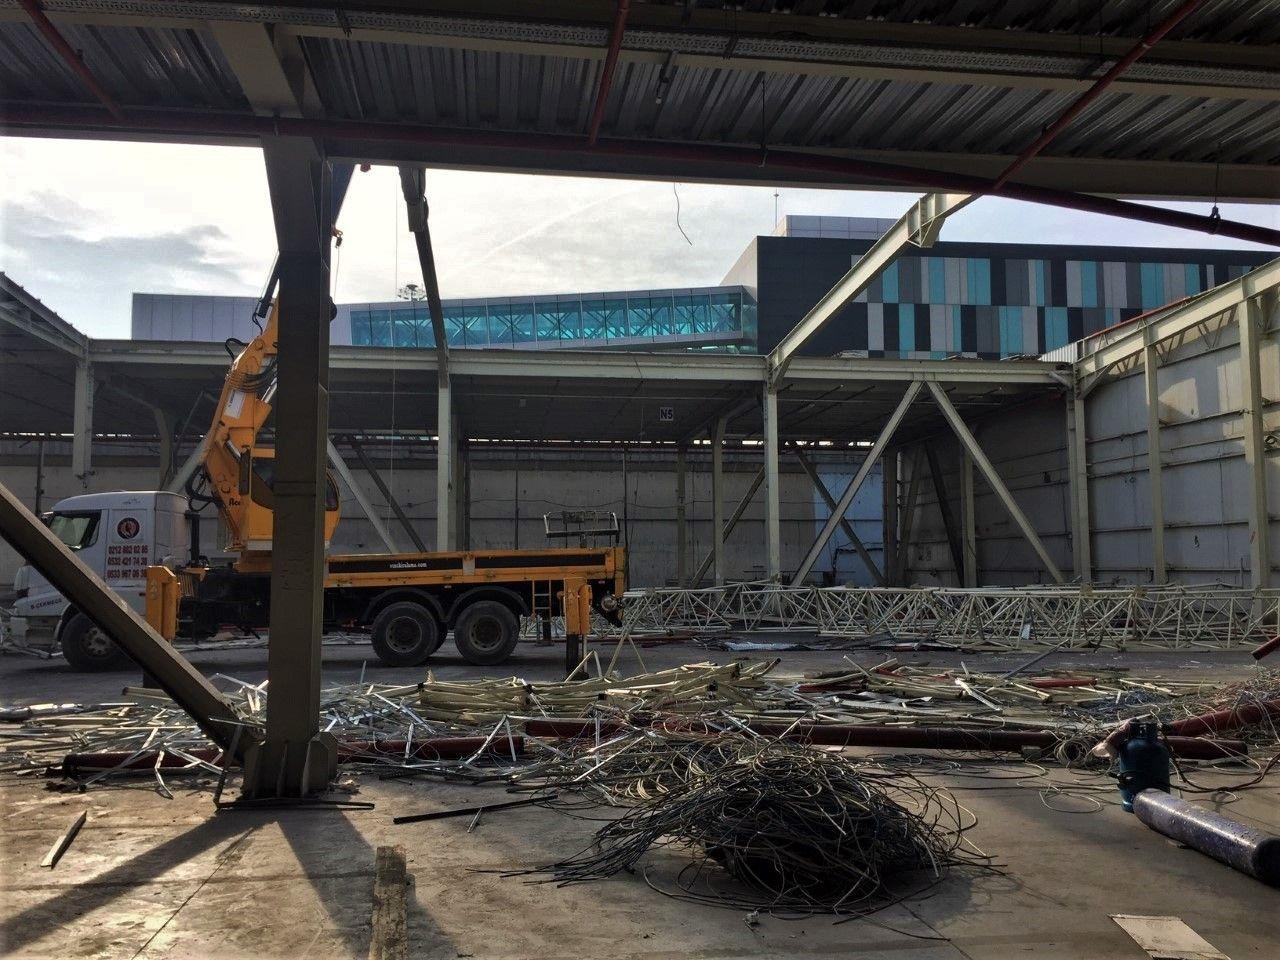 86 yıllık yoculuğun sonu! Atatürk Havalimanı'nda yıkım işlemlerine başlandı